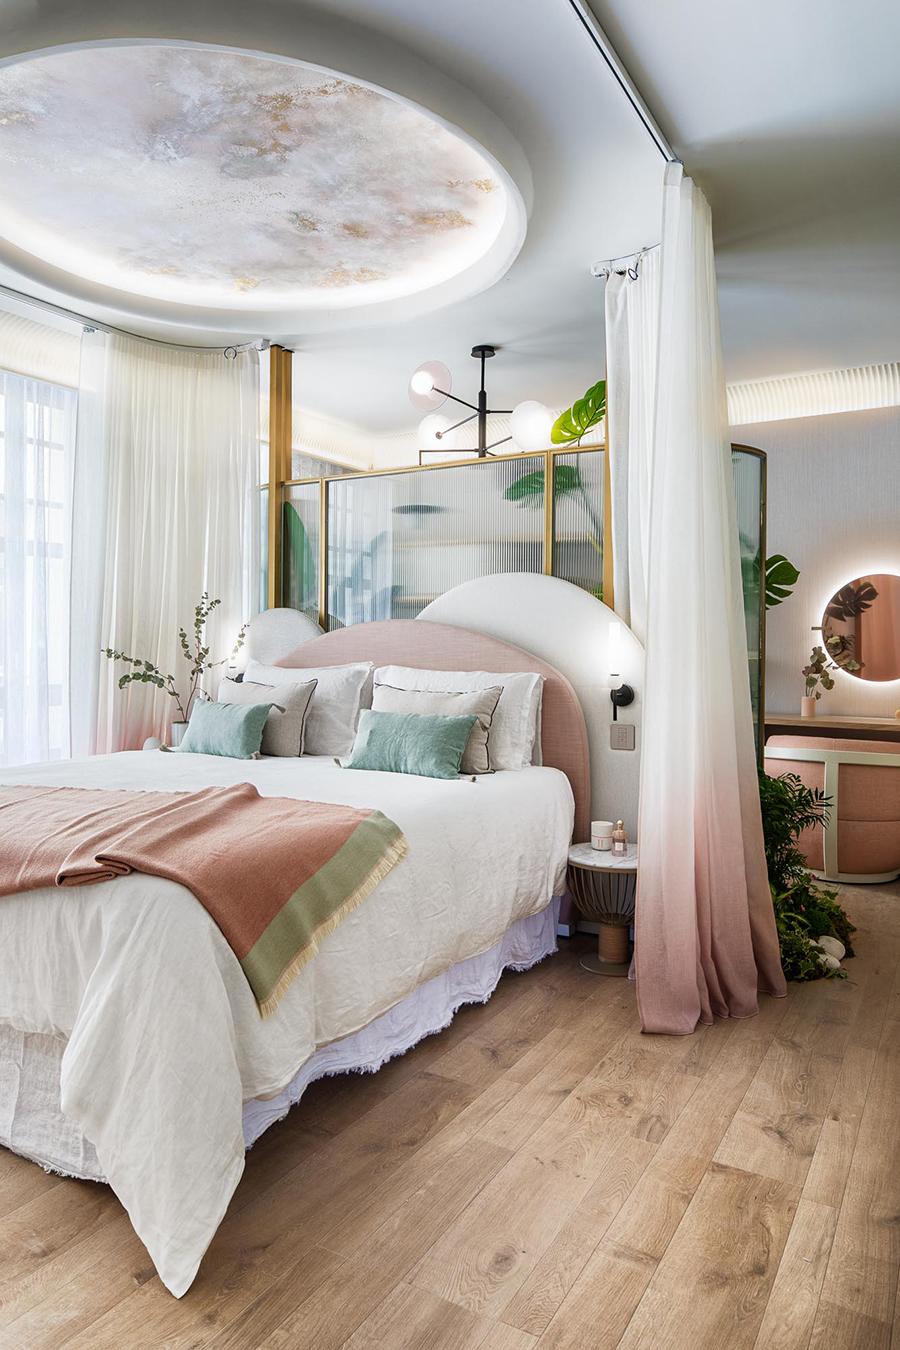 Casa-Decor-2021-Espacio-Uecko-vestidor con tocador junto a dormitorio techo blanco colores rosa palo